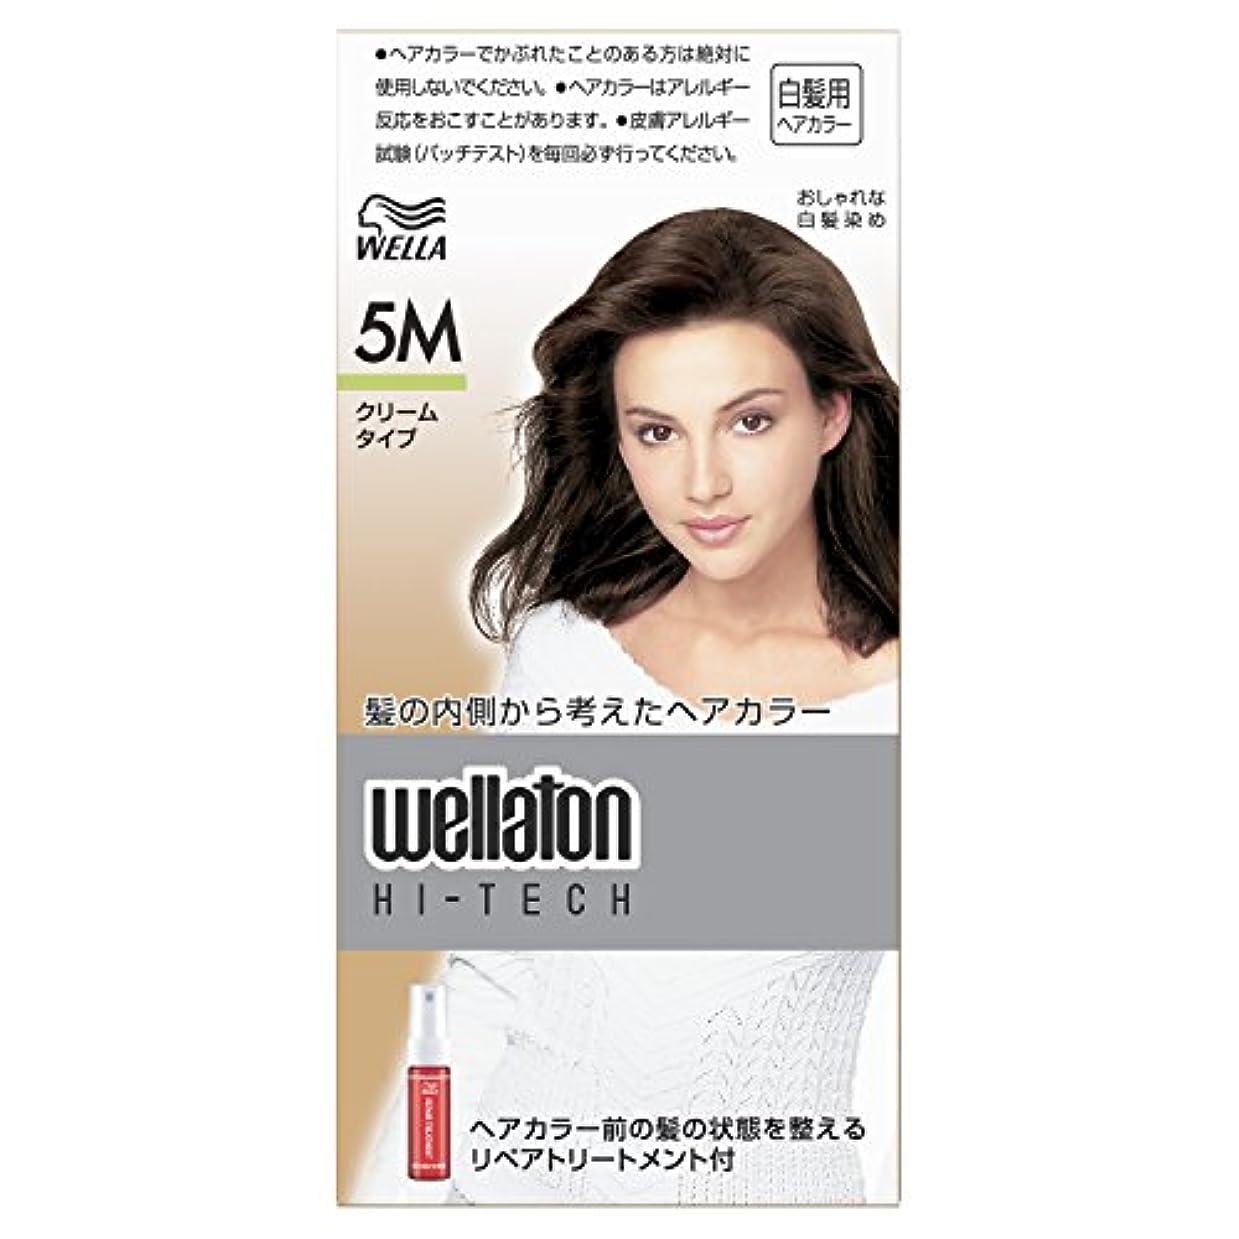 ウエラトーン ハイテック クリーム 5M [医薬部外品](おしゃれな白髪染め)